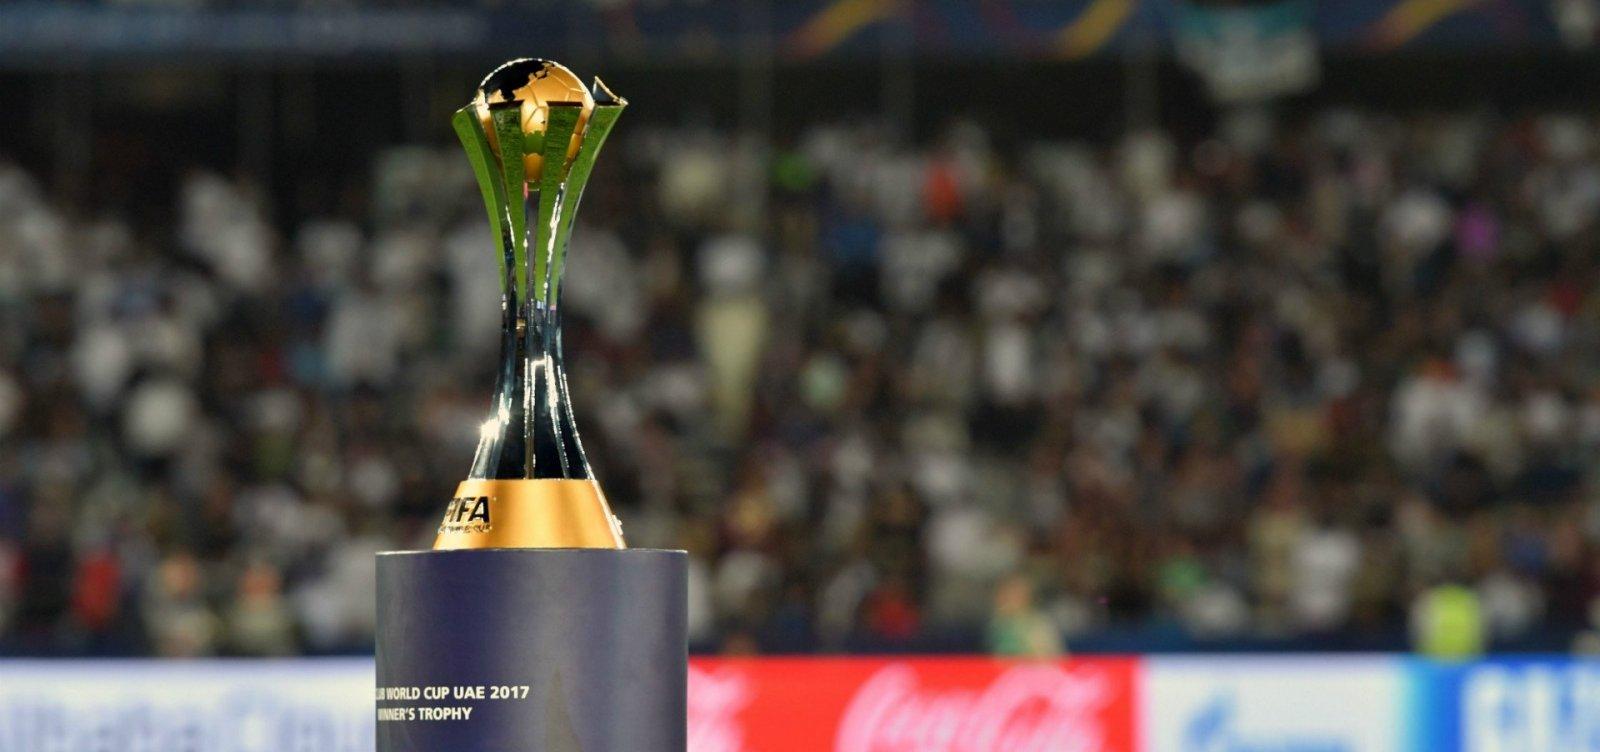 [Fifa anuncia novo Mundial de Clubes com 24 times e disputado a cada quatro anos]